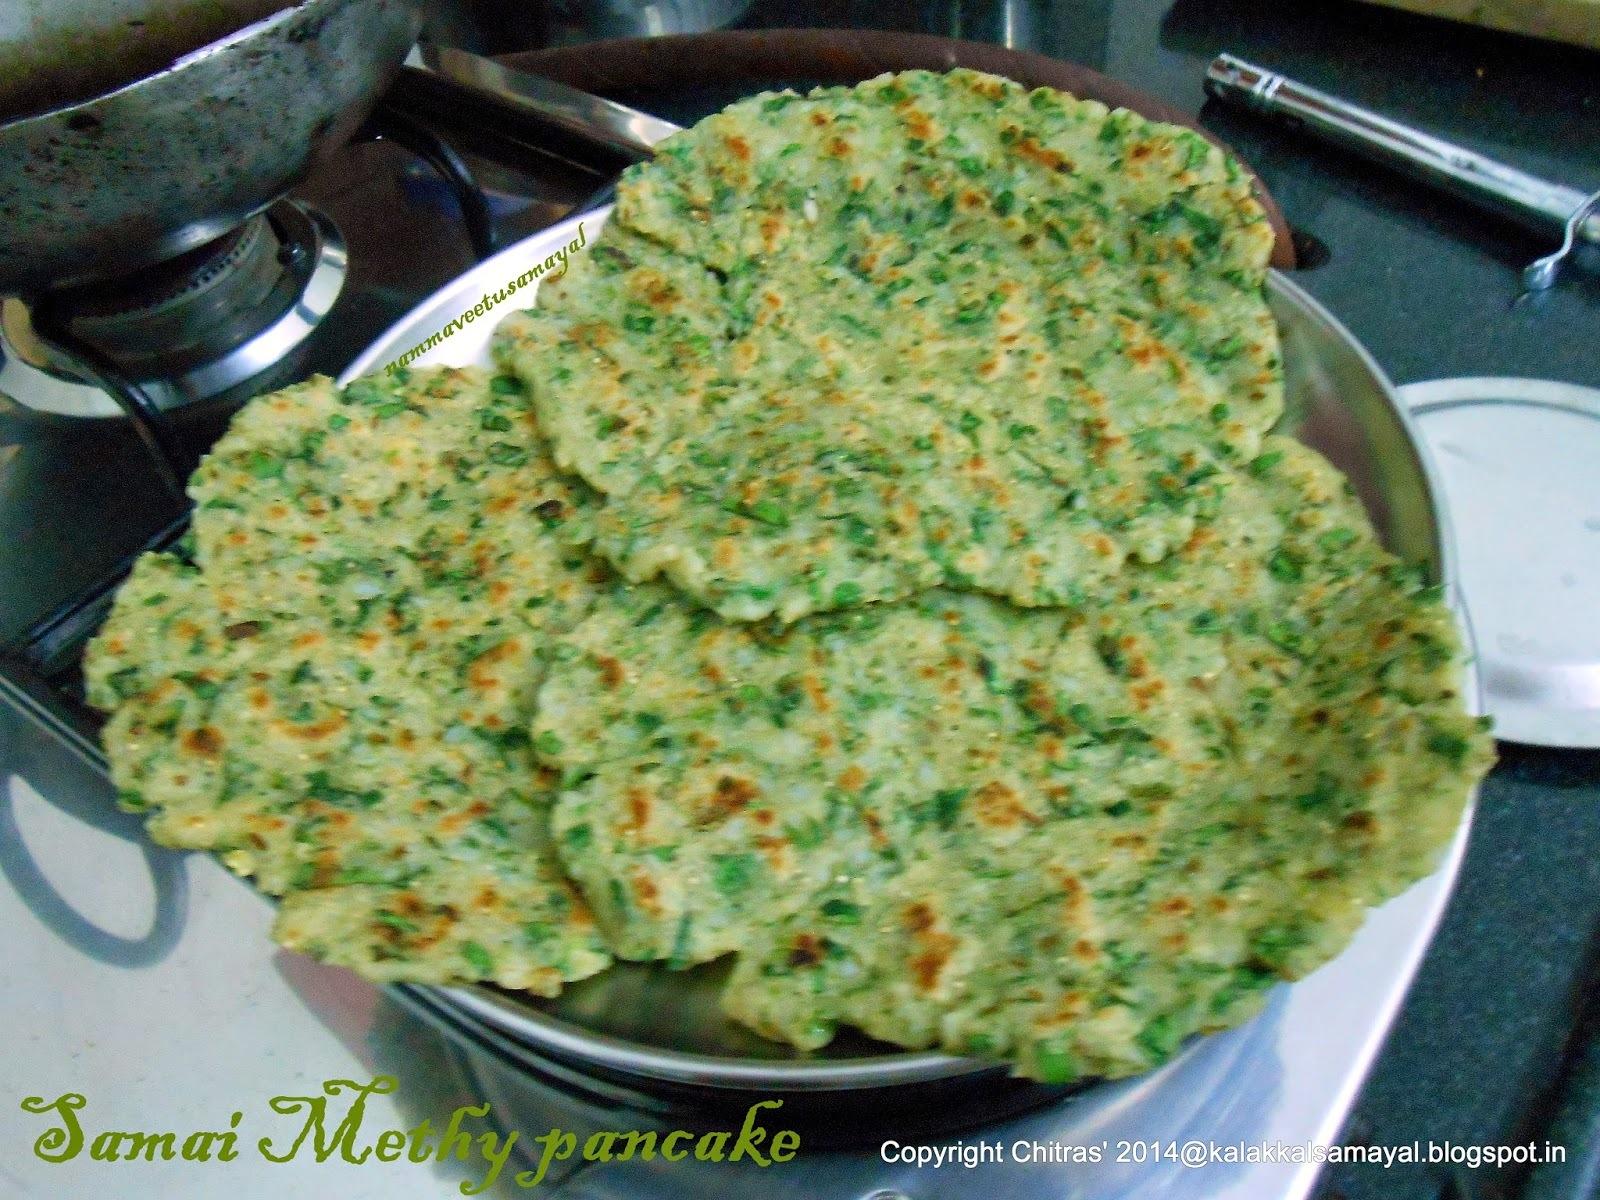 Samai-Methy-Pancake